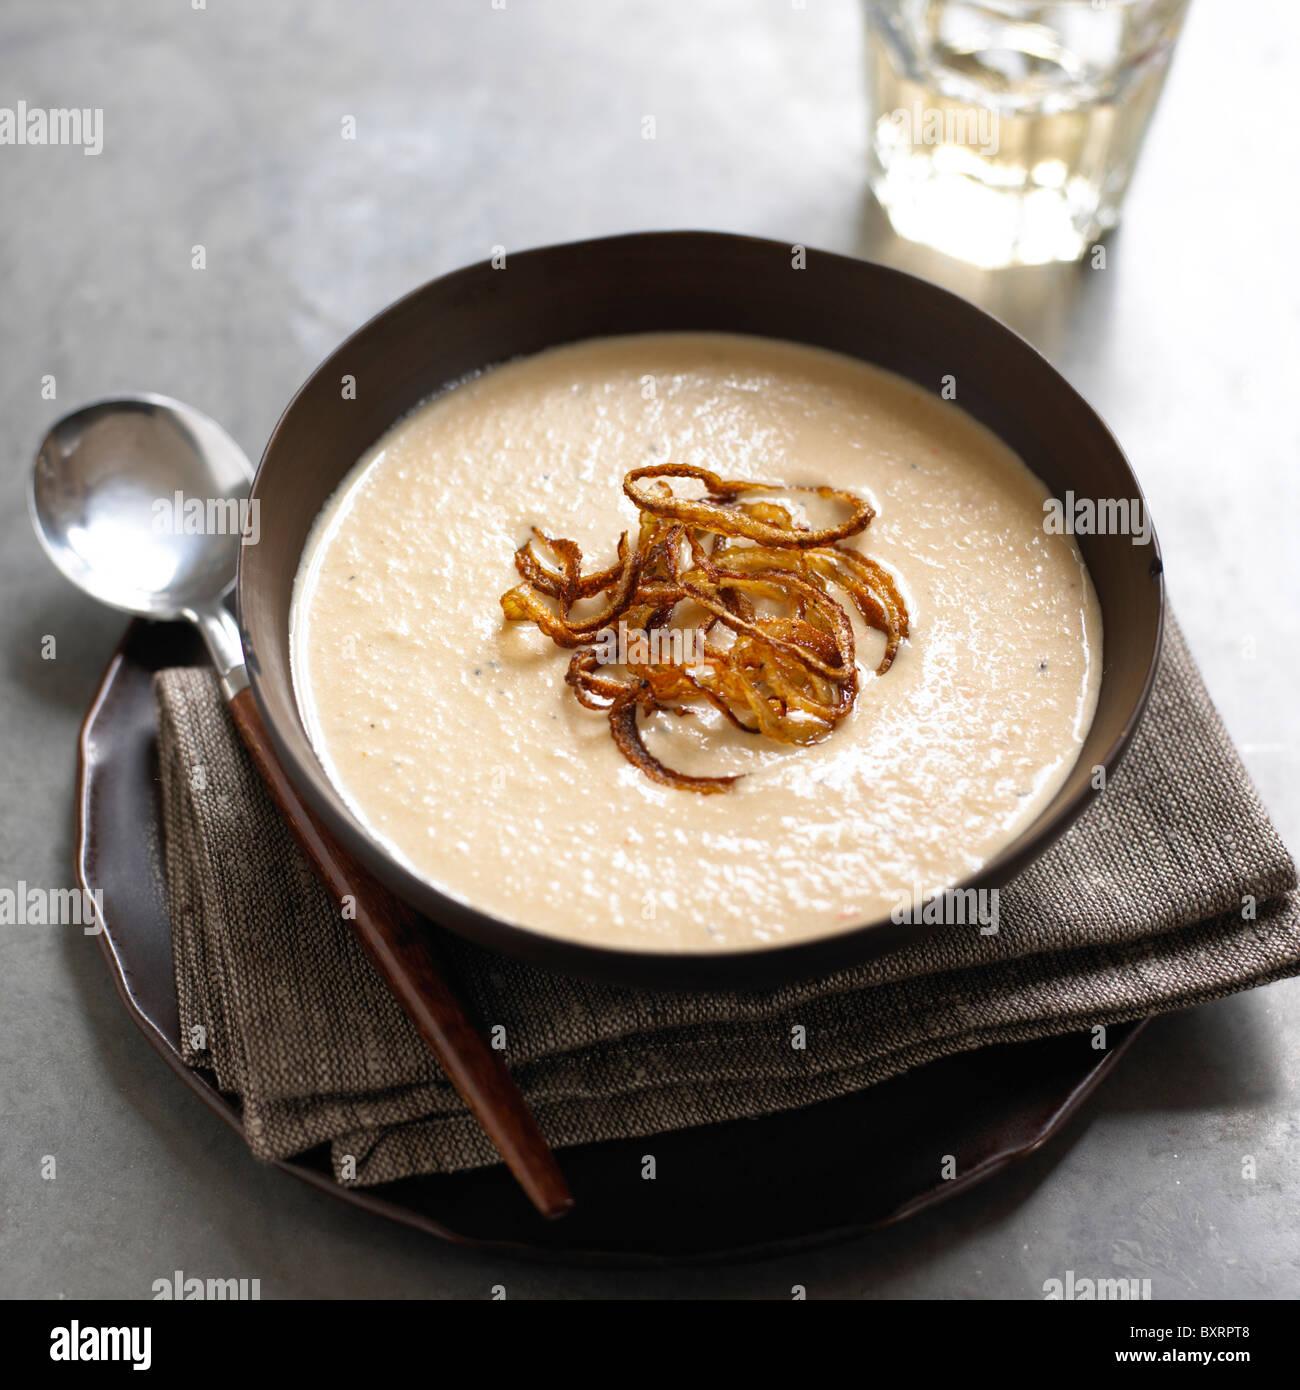 Soupe à l'oignon caramélisé Photo Stock